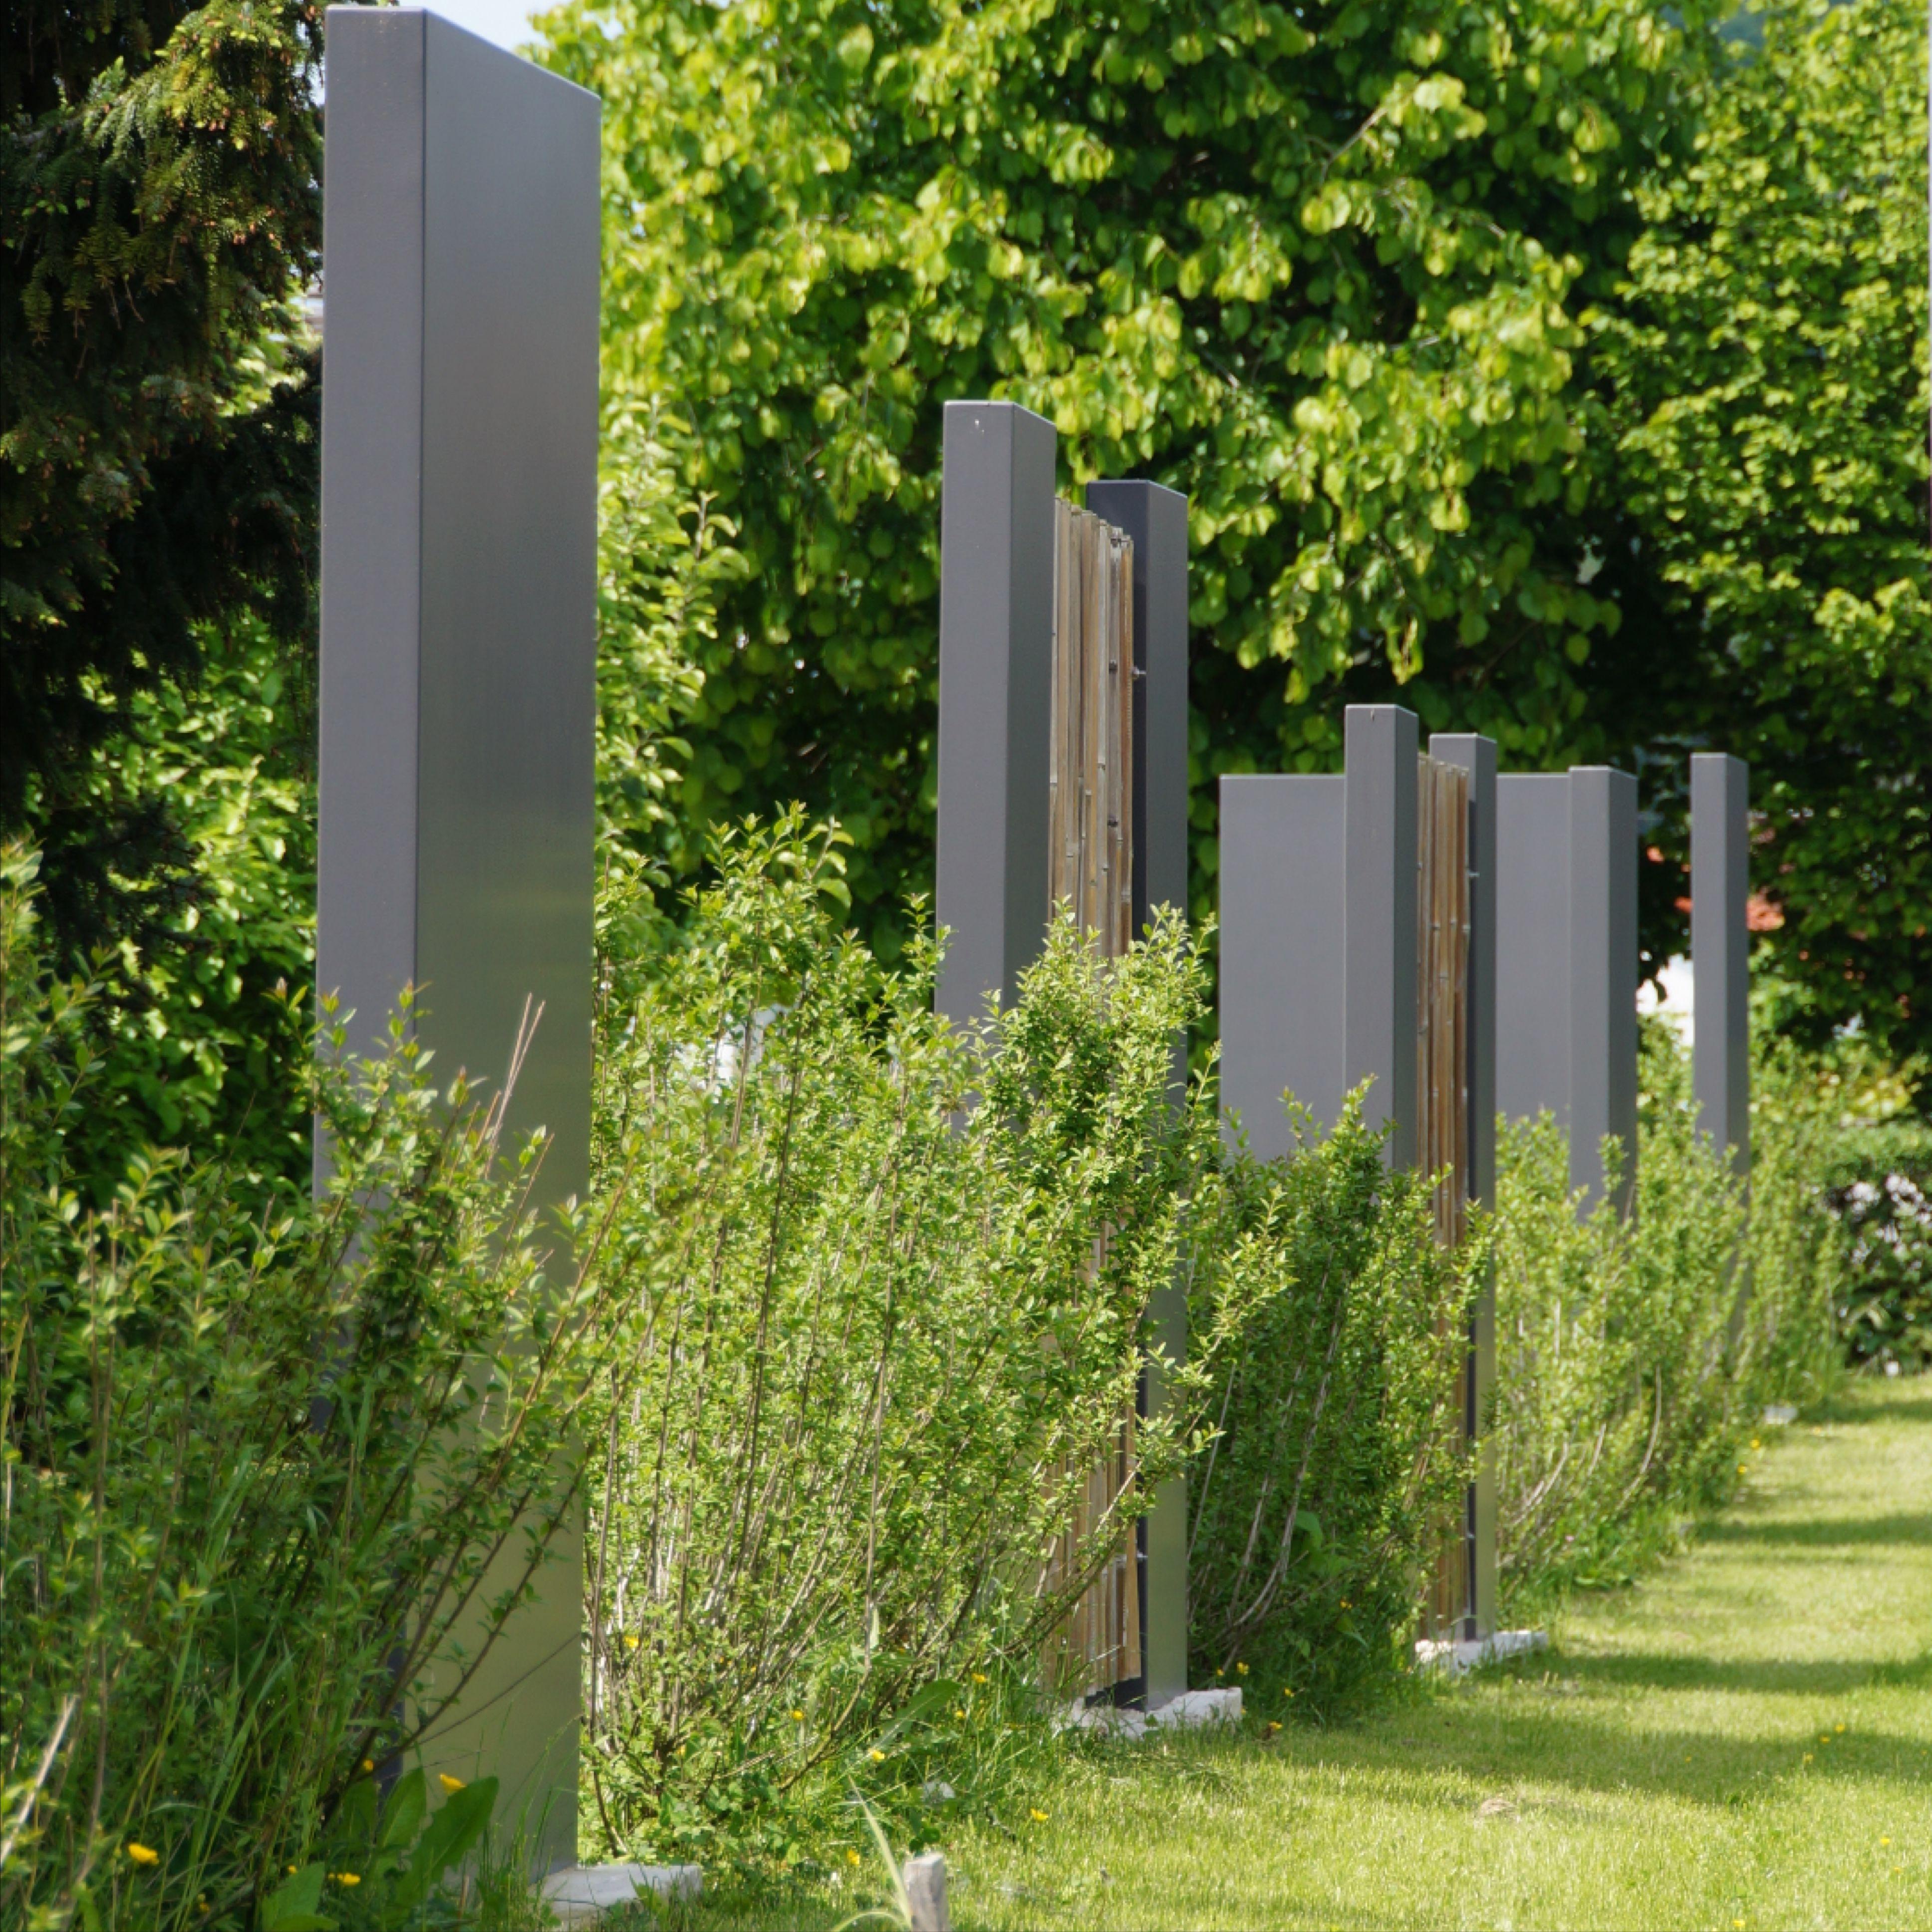 Grenzeinfassung Mit Designstelen Garten Design Sichtschutzelemente Sichtschutzwande